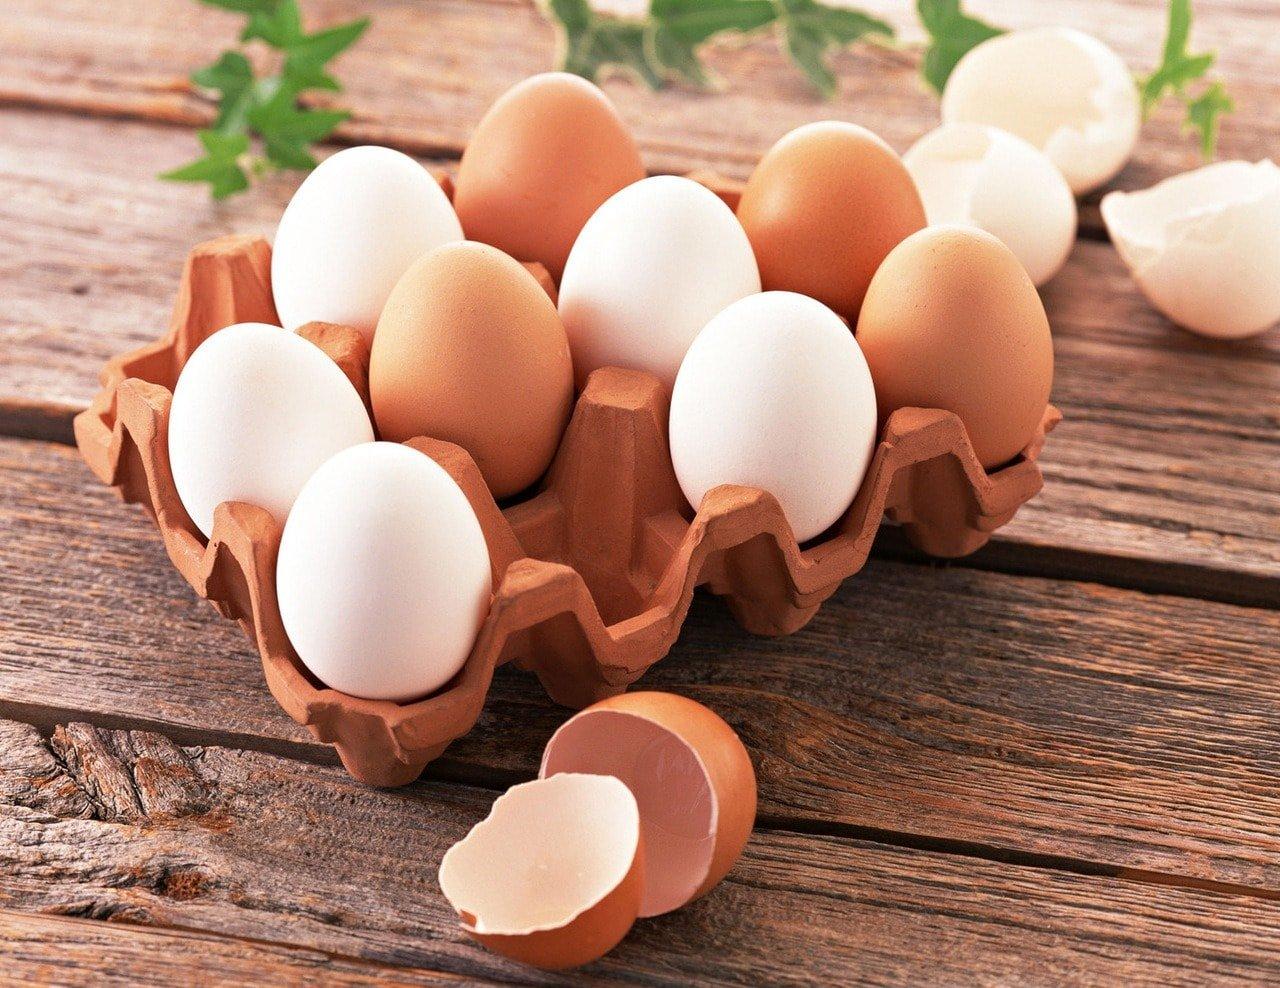 Как проверить сырые яйца в воде на свежесть в домашних условиях